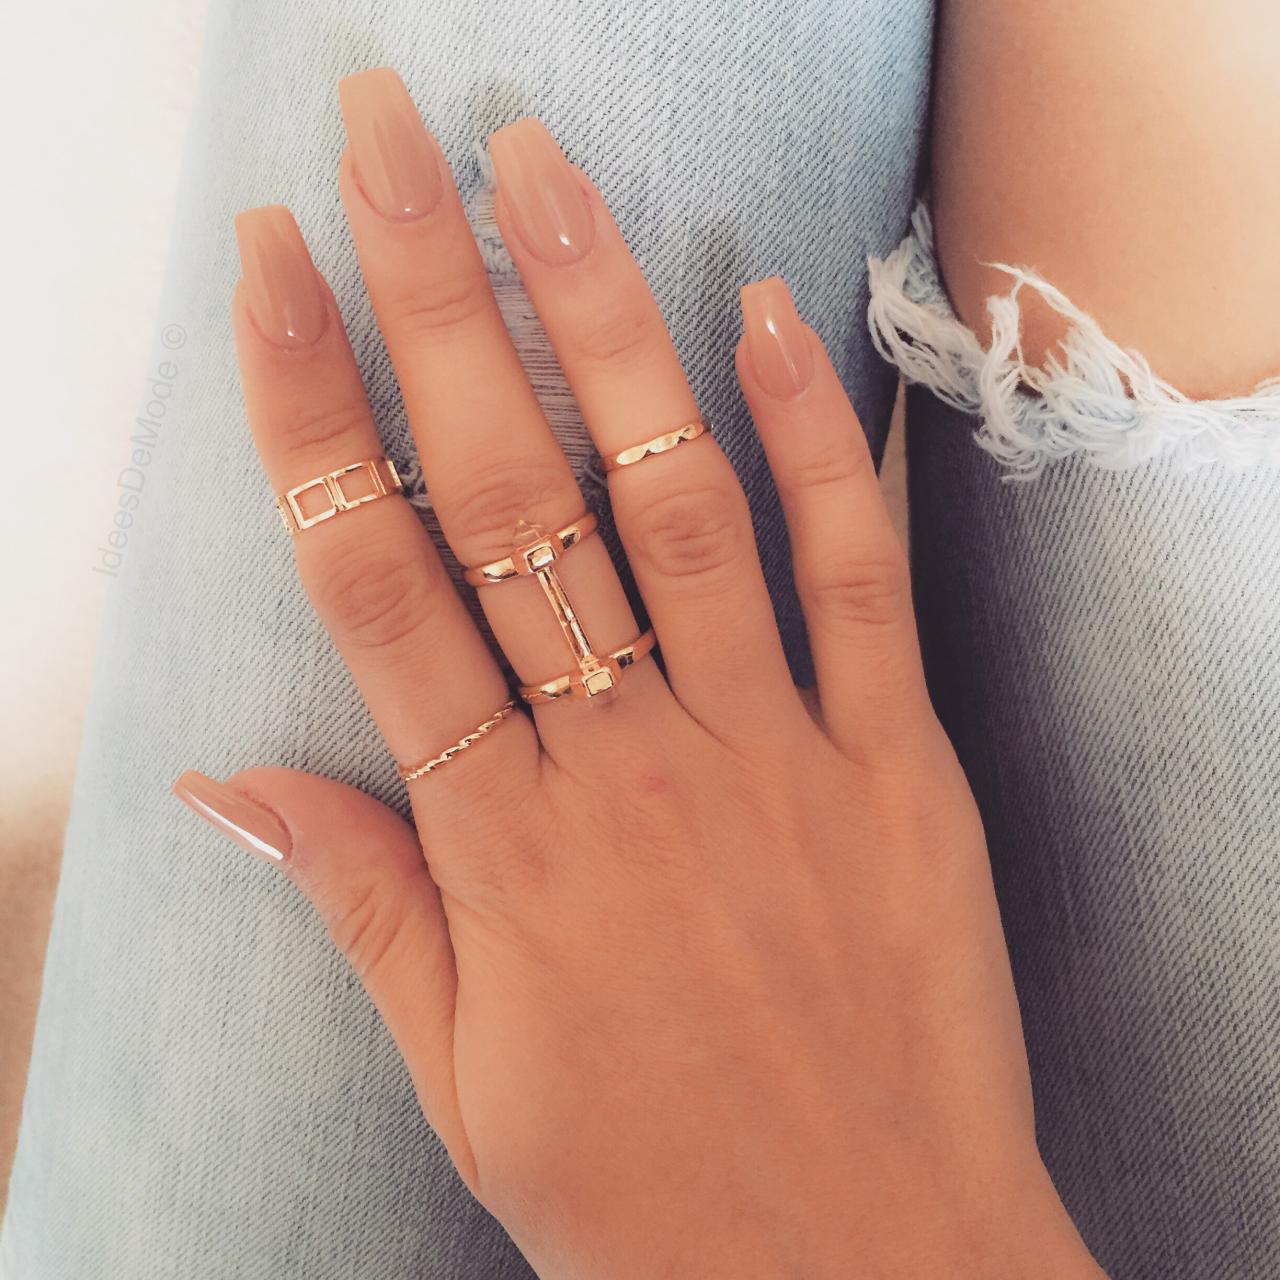 luxury extreme | Perfectly Polished ♡❤ | Pinterest